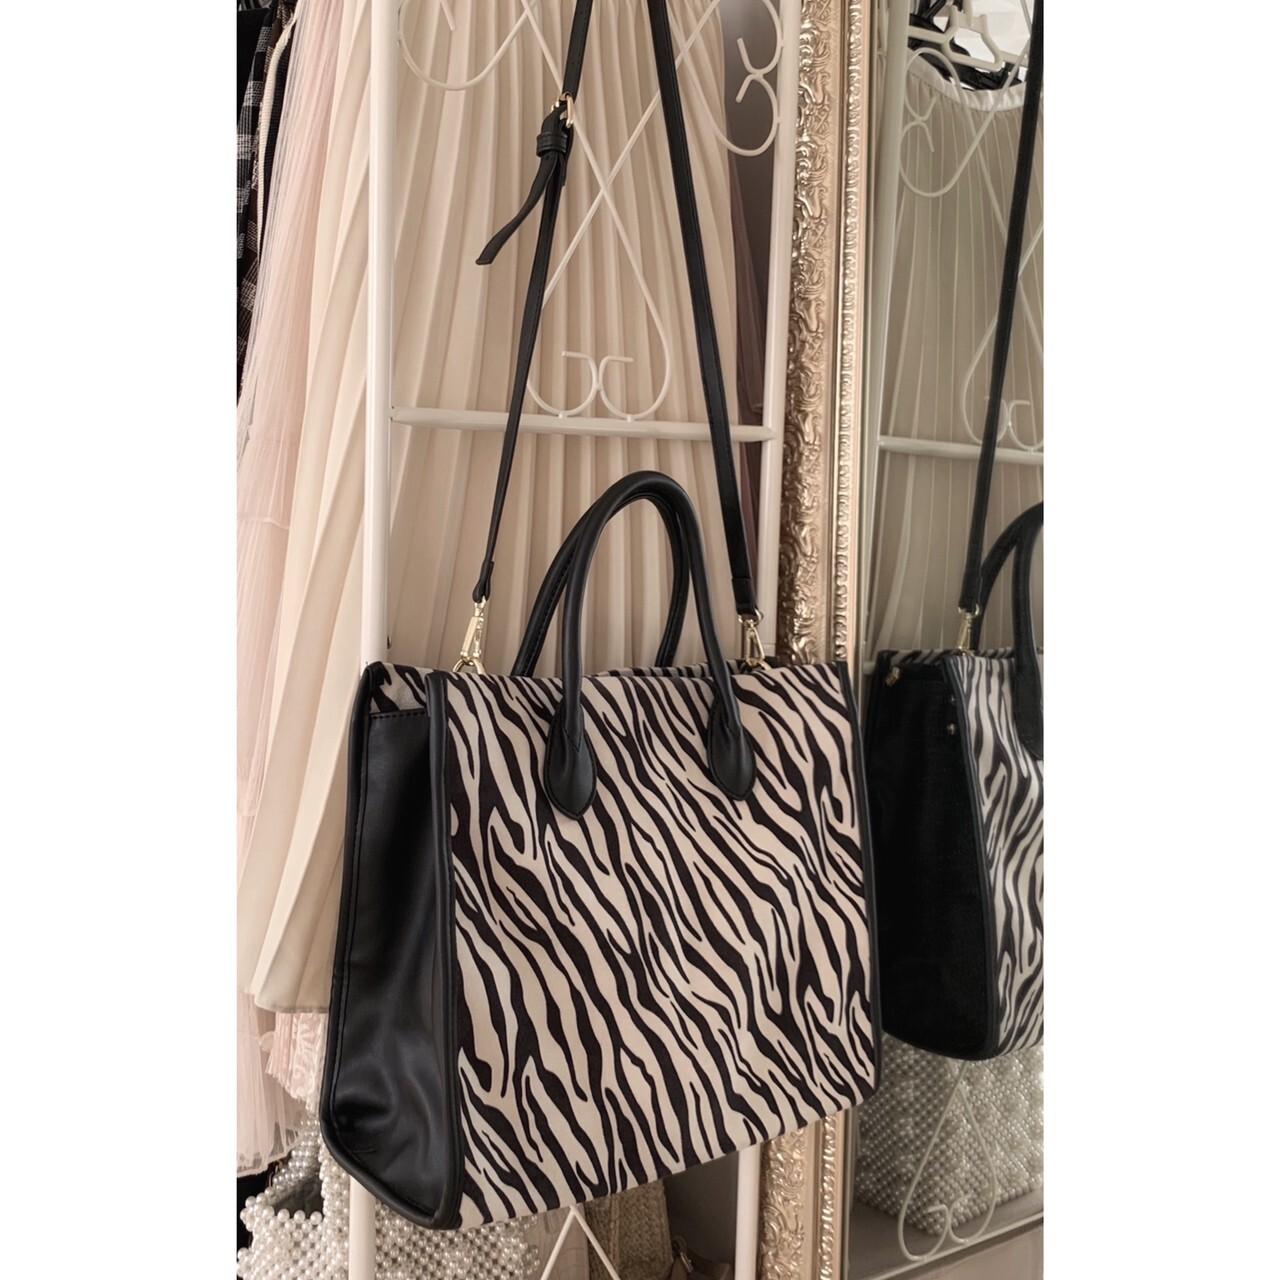 【meltie】zebra tote bag